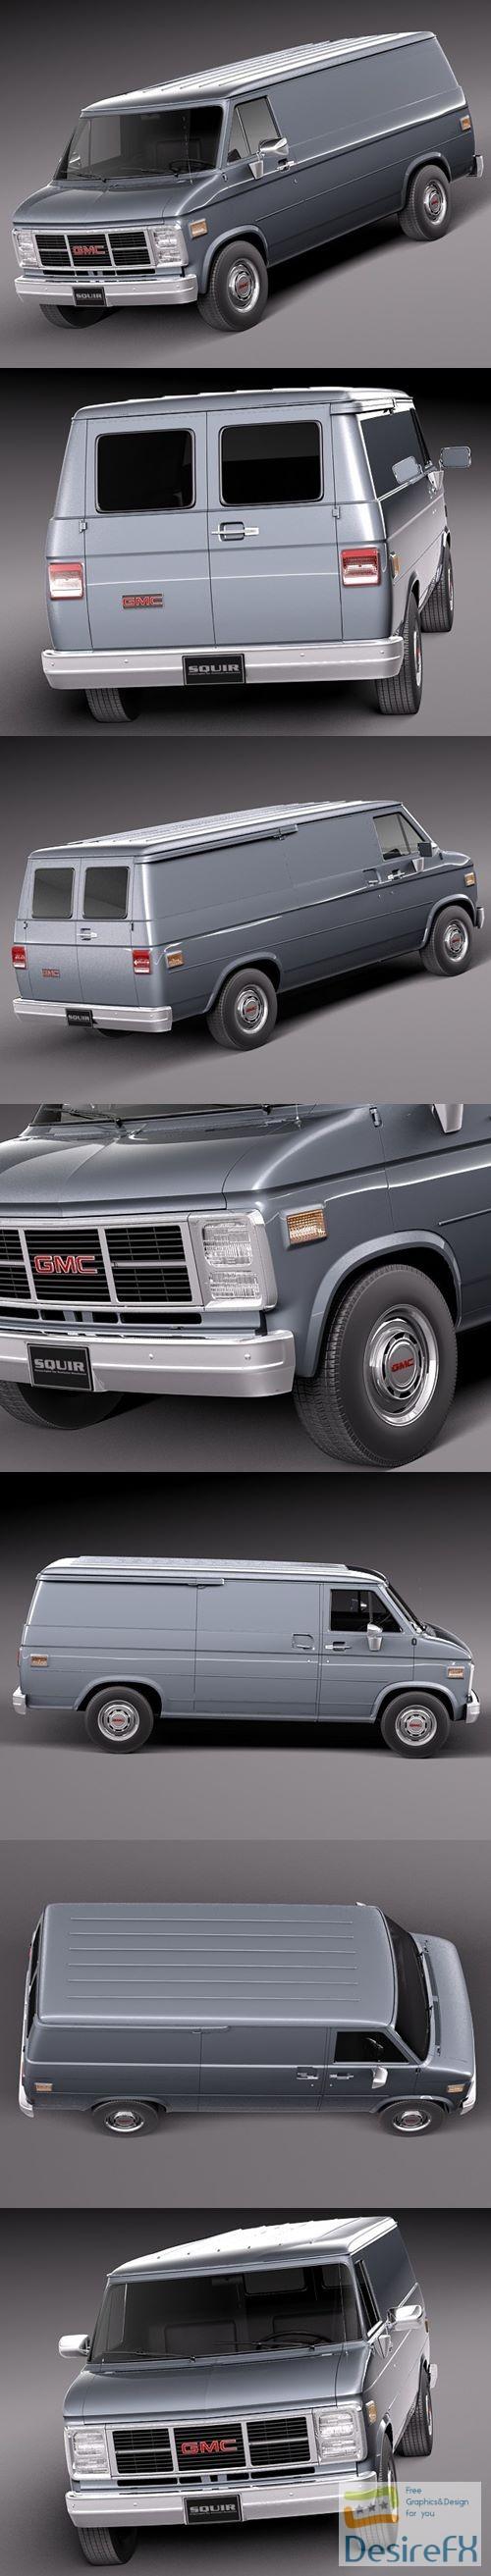 3d-models - GMC vandura 1983-1991 3D Model